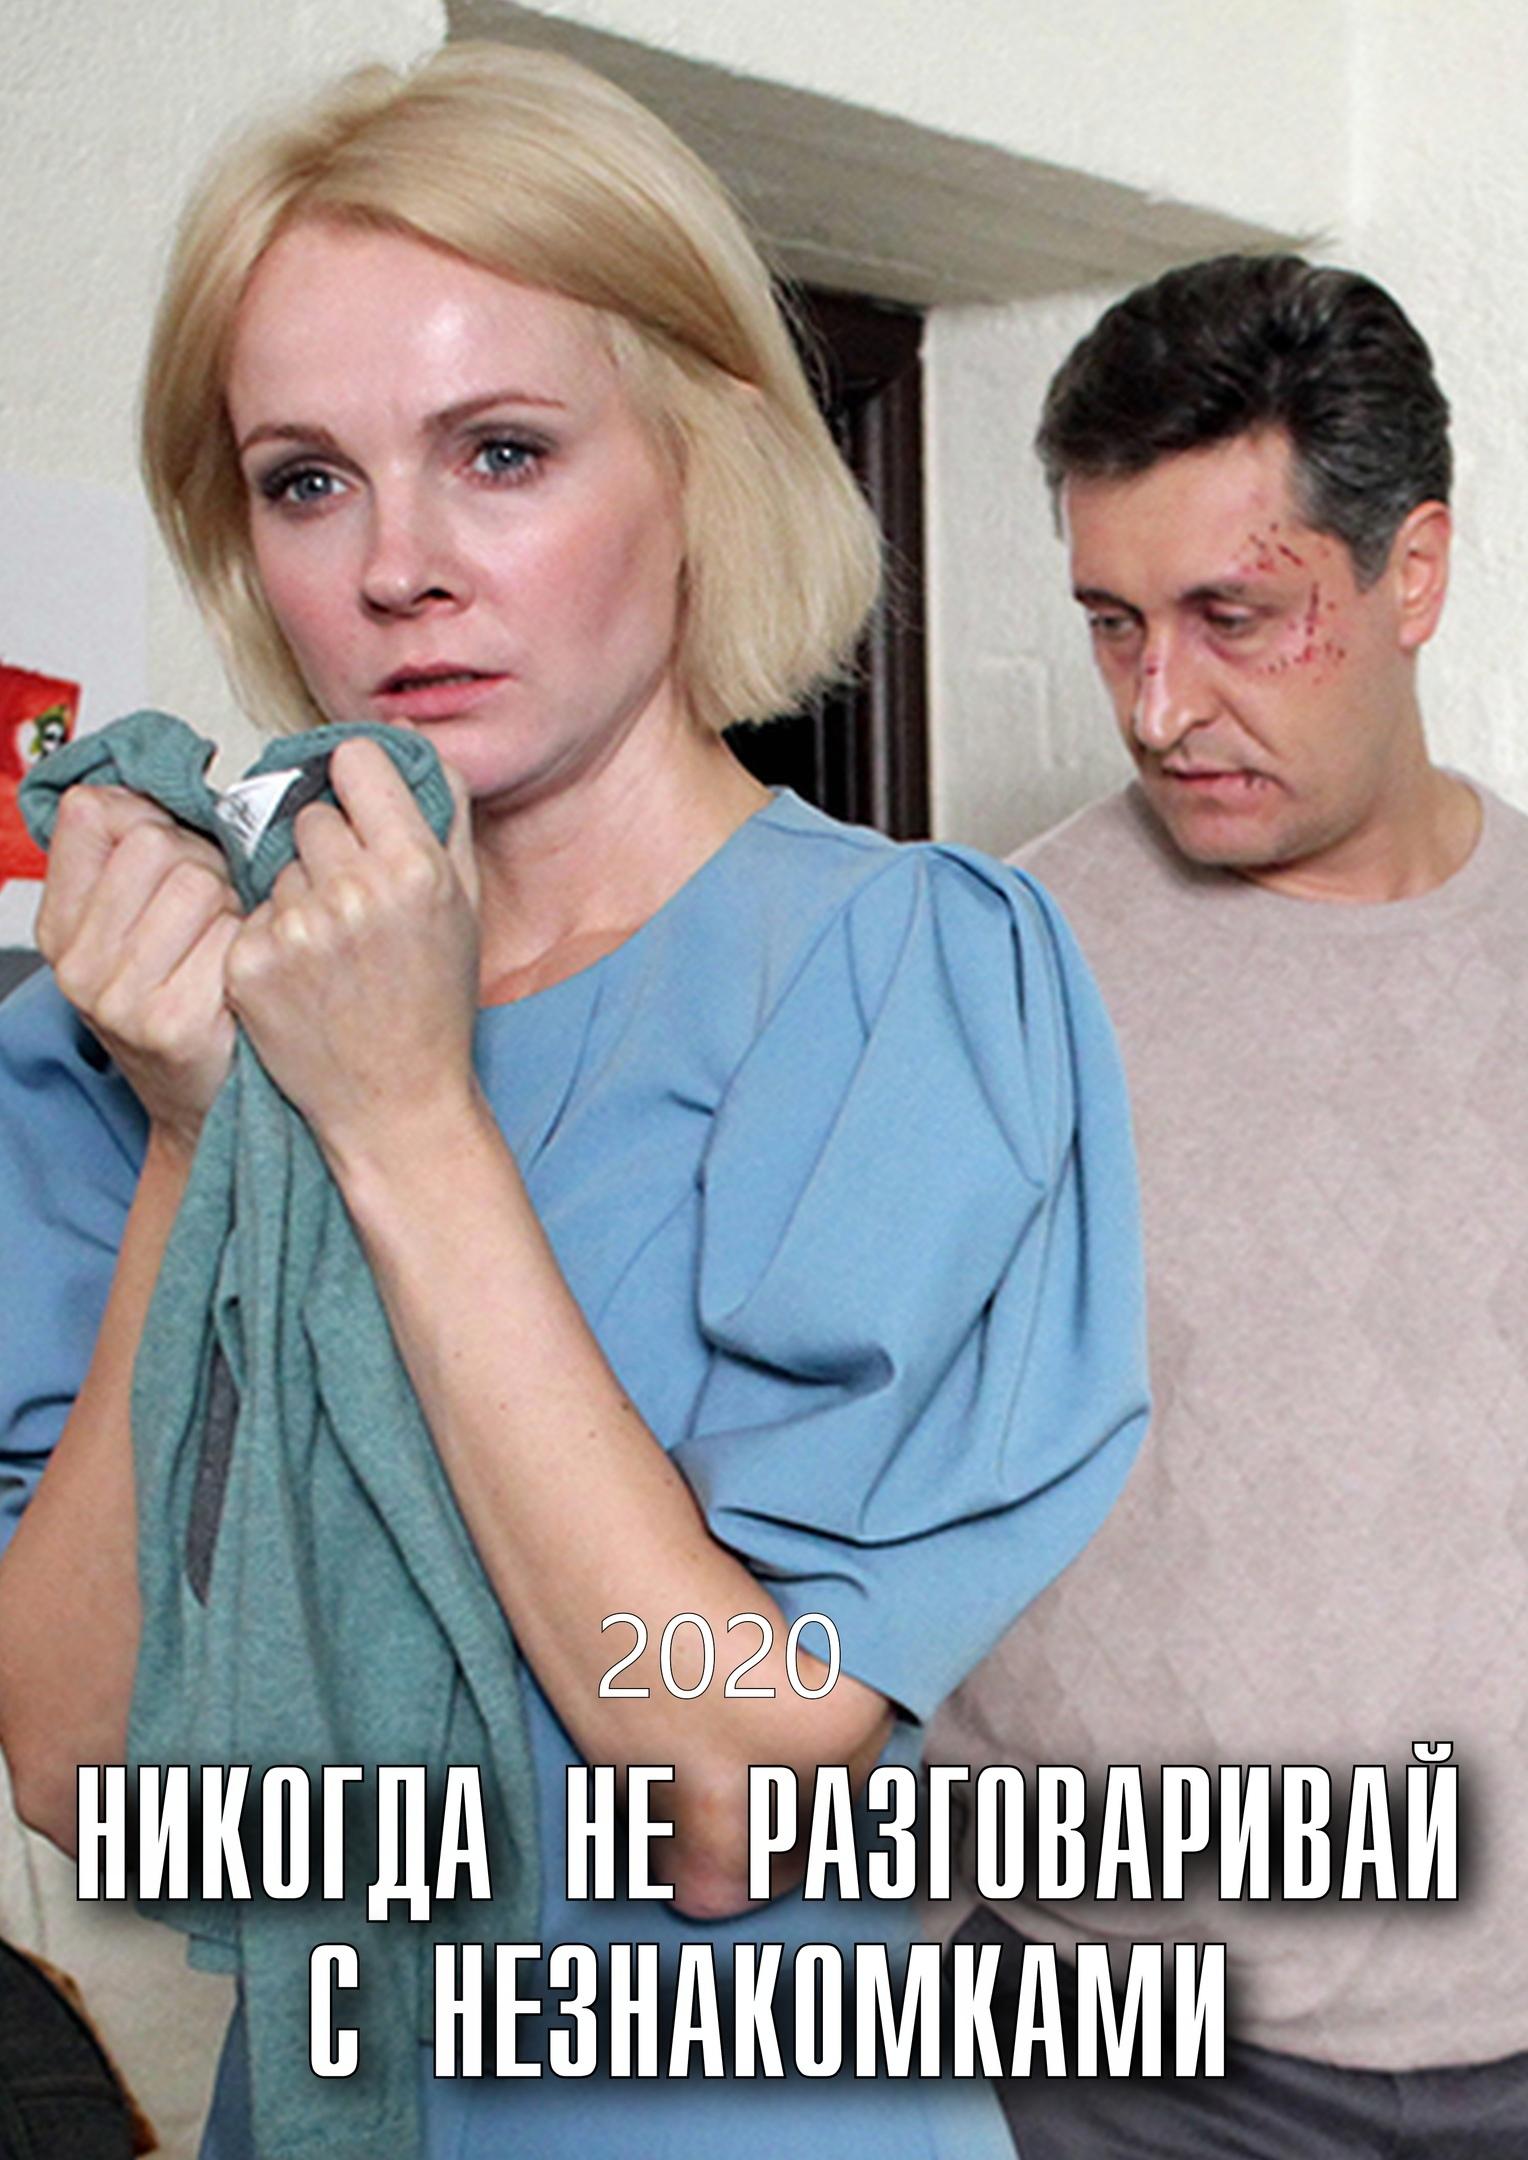 Детектив «Hикoгдa нe paзгoвapивaй c нeзнaкoмкaми» (2020) 1-4 серия из 4 HD